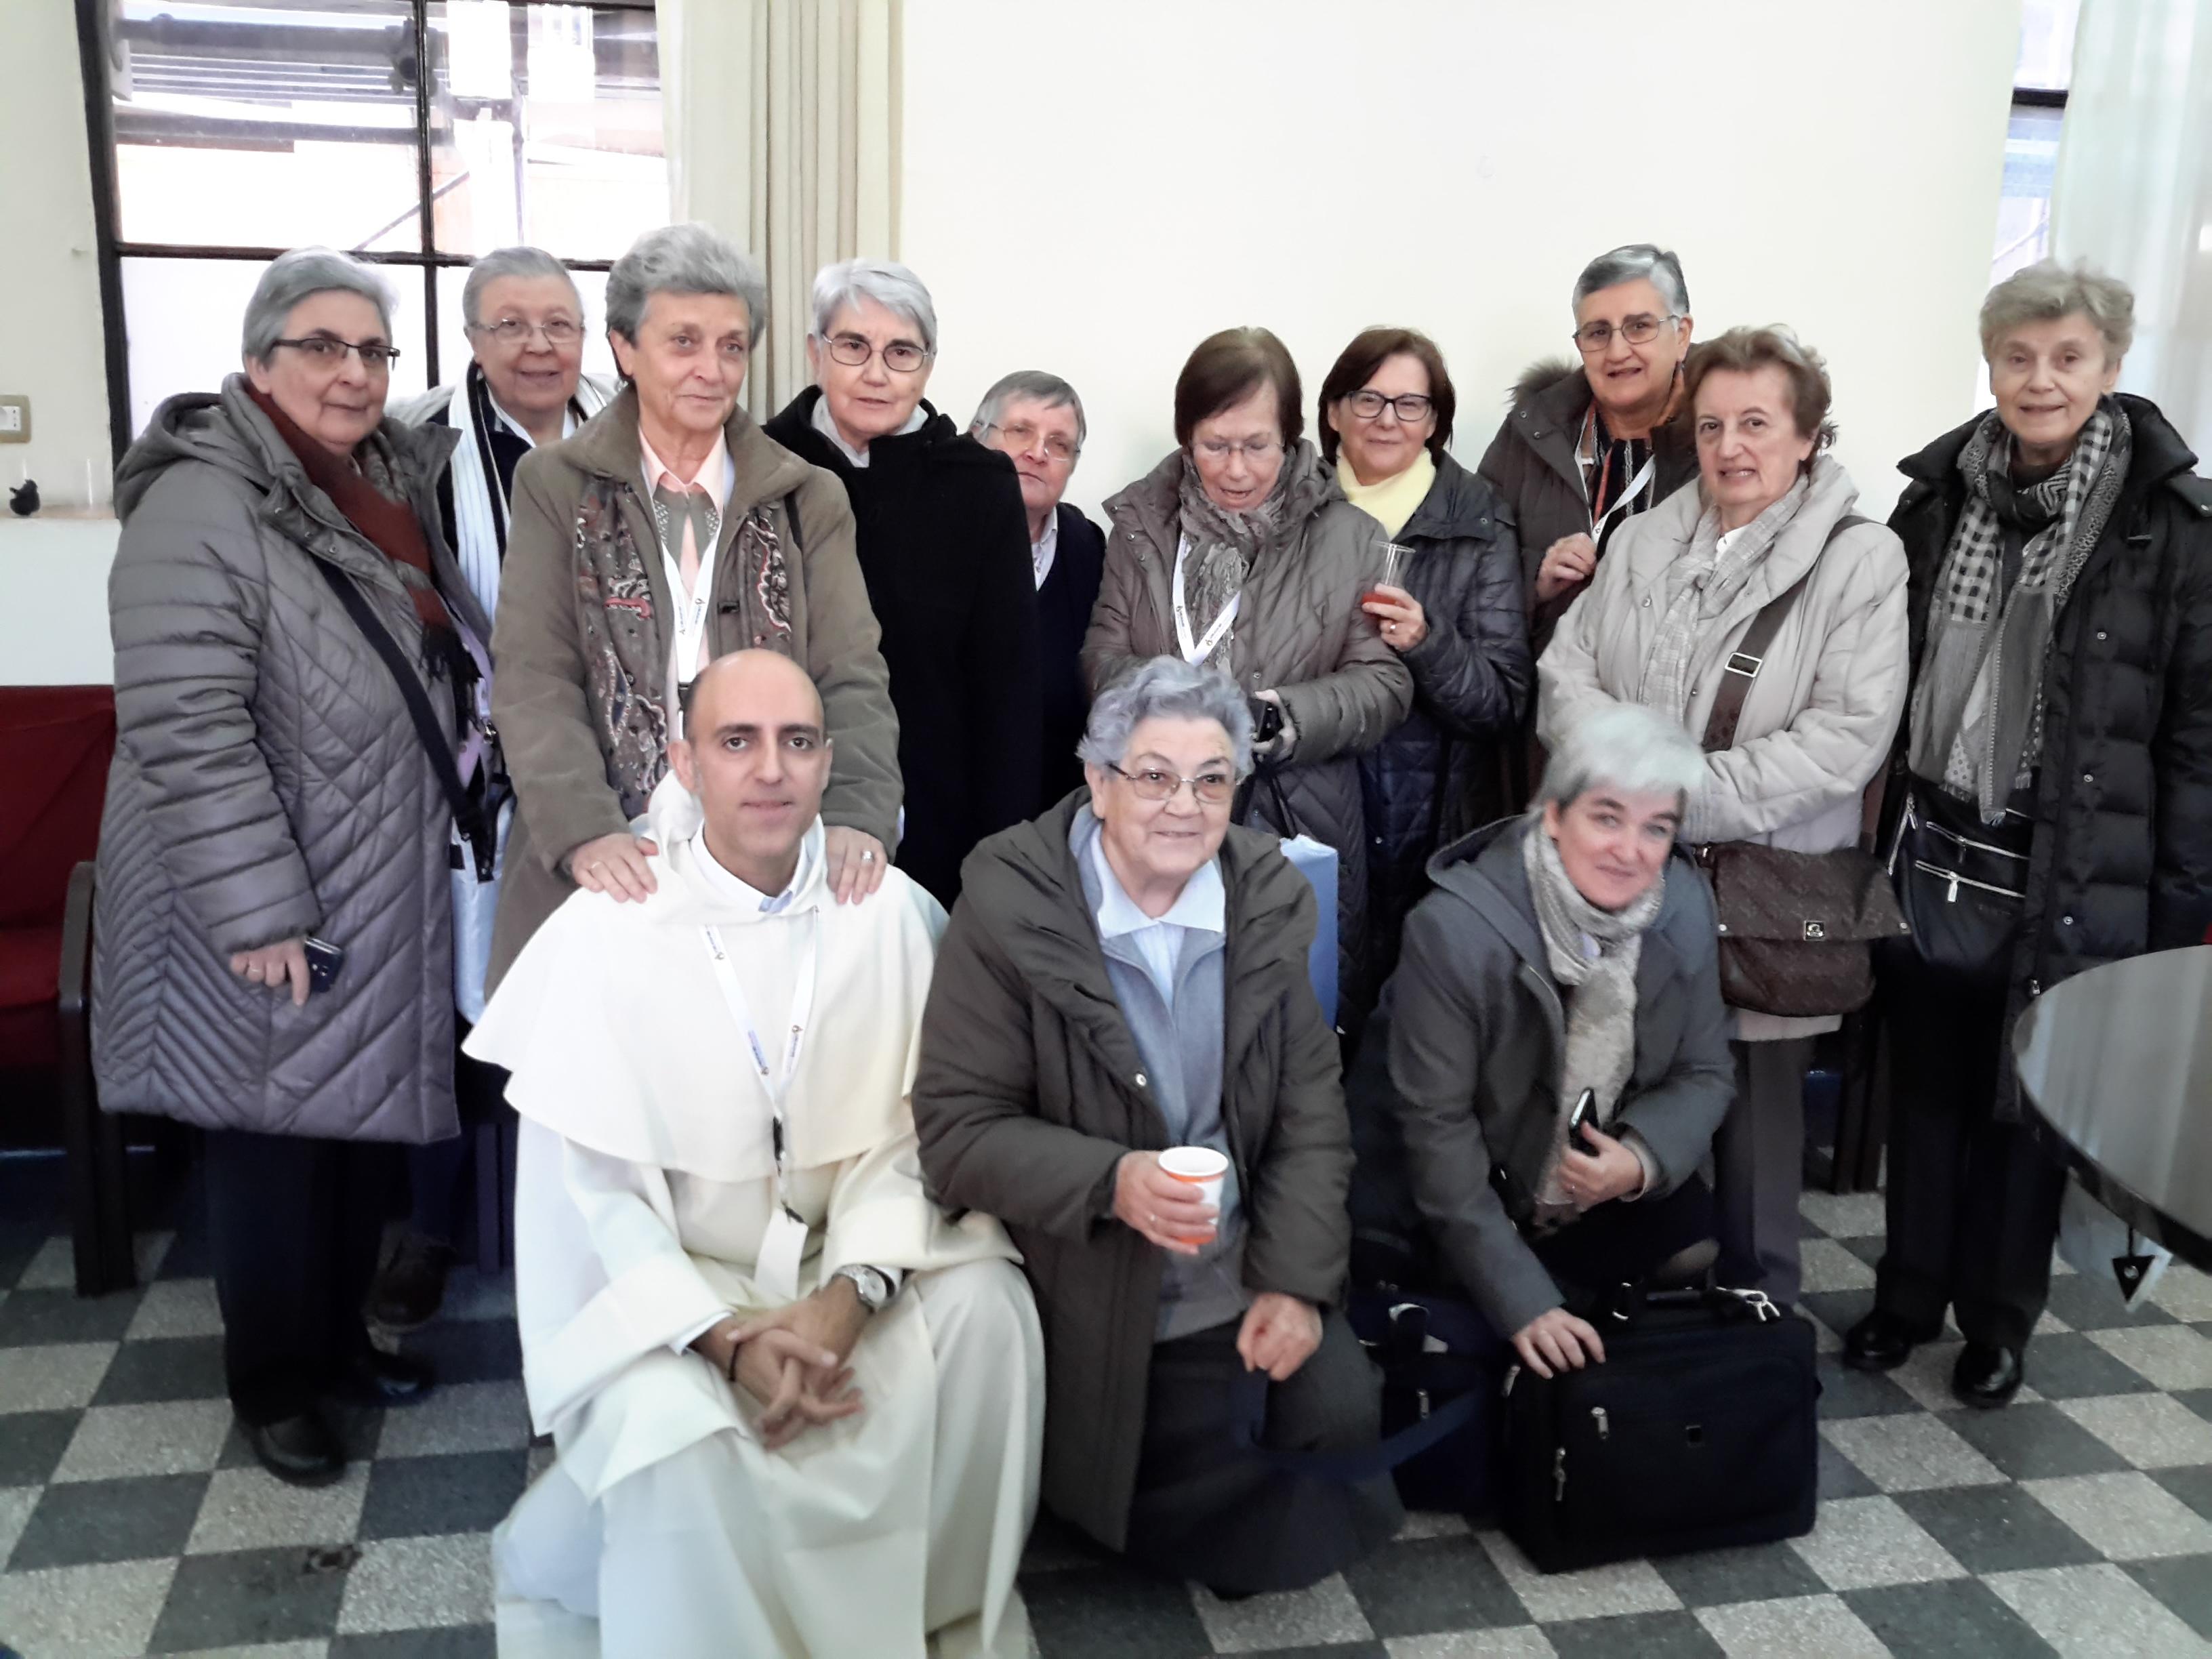 CONGRESO INTERNACIONAL PARA LA MISIÓN Y CLAUSURA  DEL JUBILEO DOMINICANO